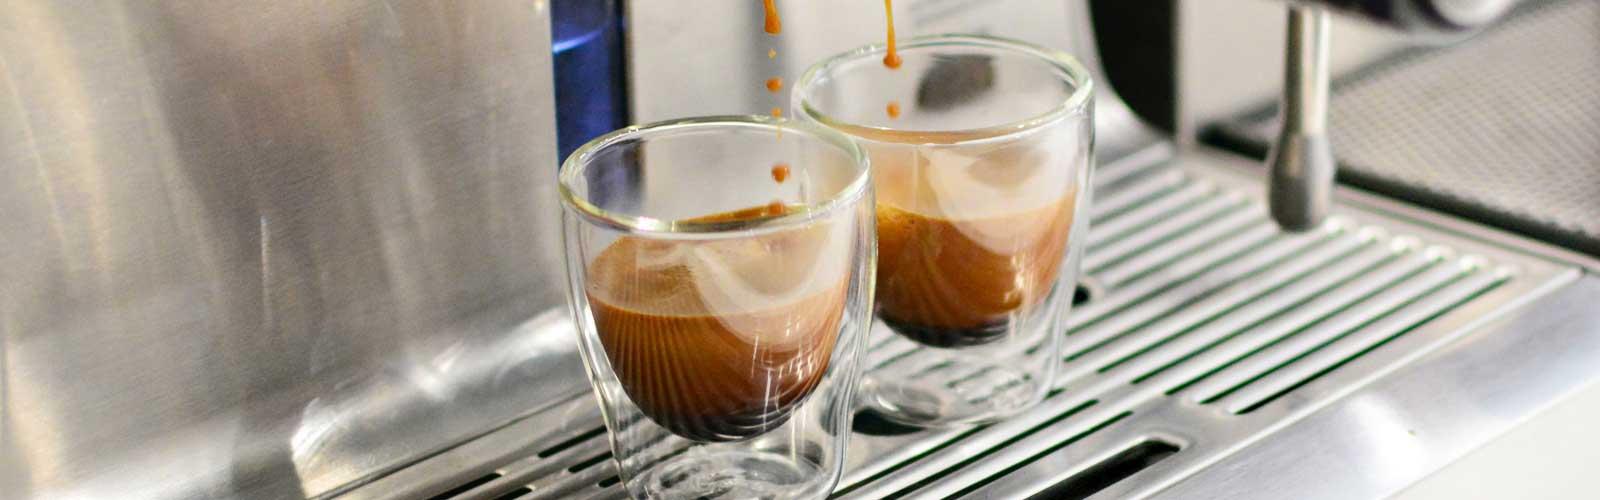 expresso vs espresso grosche